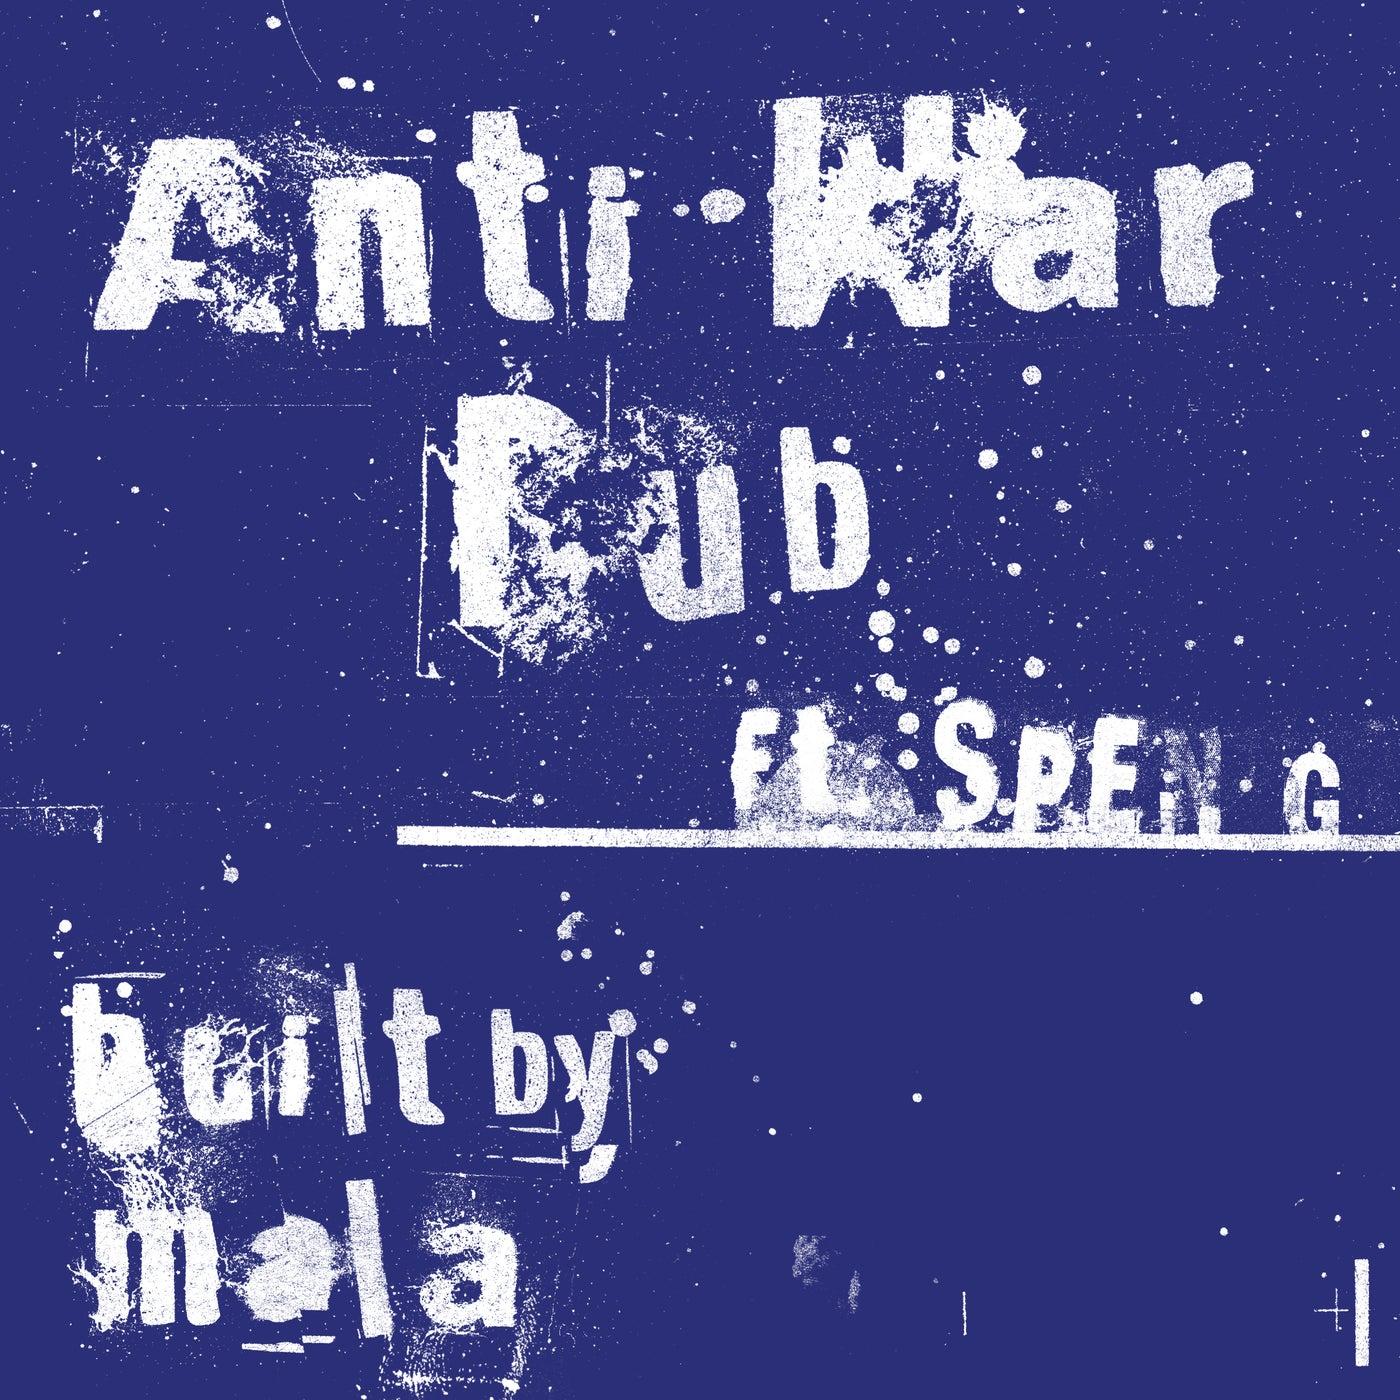 Anti War Dub feat. Spen G (Original Mix)